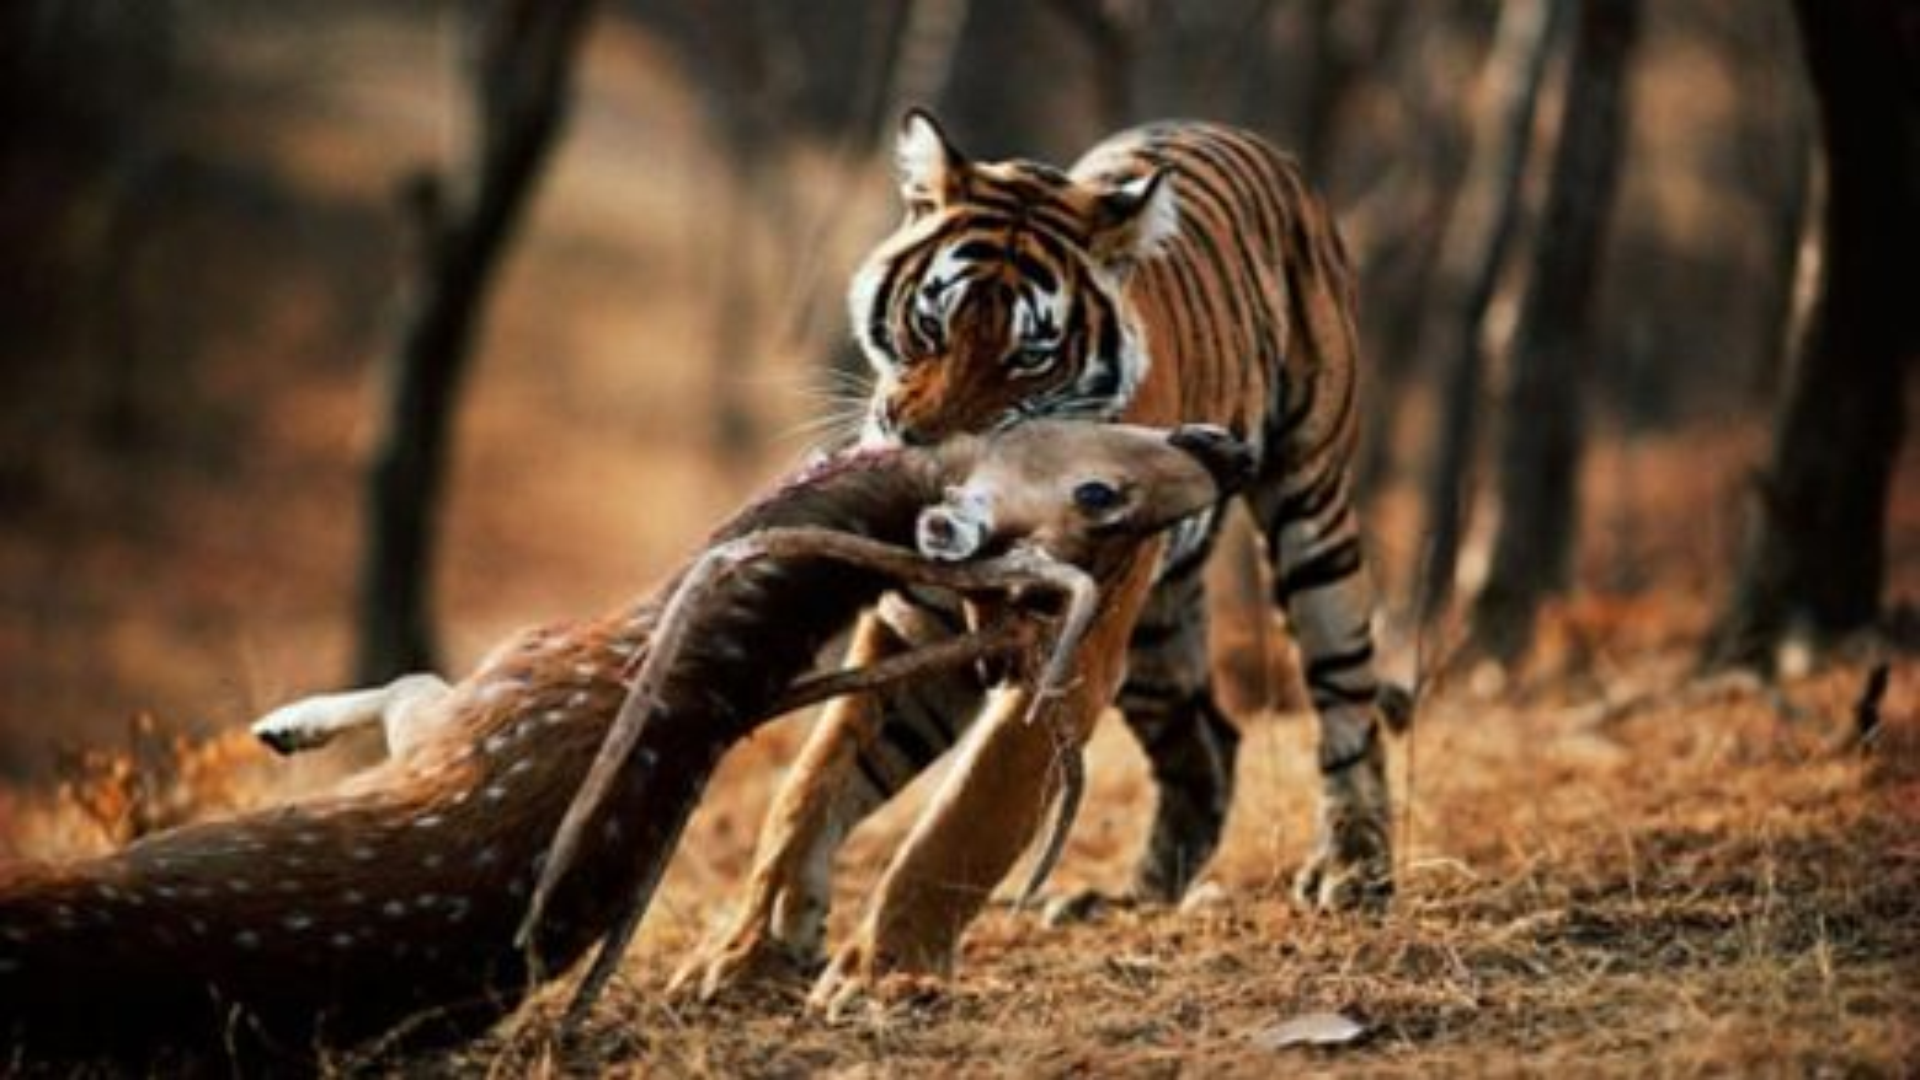 ببر ماده بالغ به تولههایش آموزش شکار میهد | فیلم